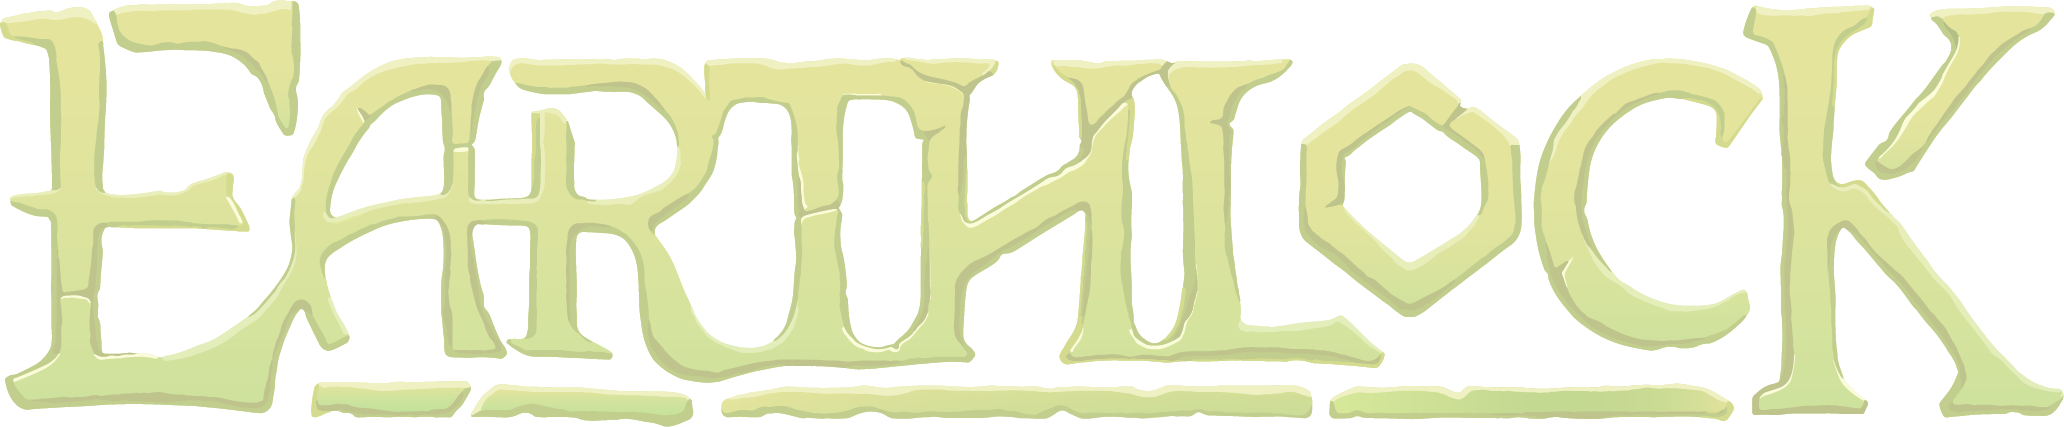 EARTHLOCK_logo.png